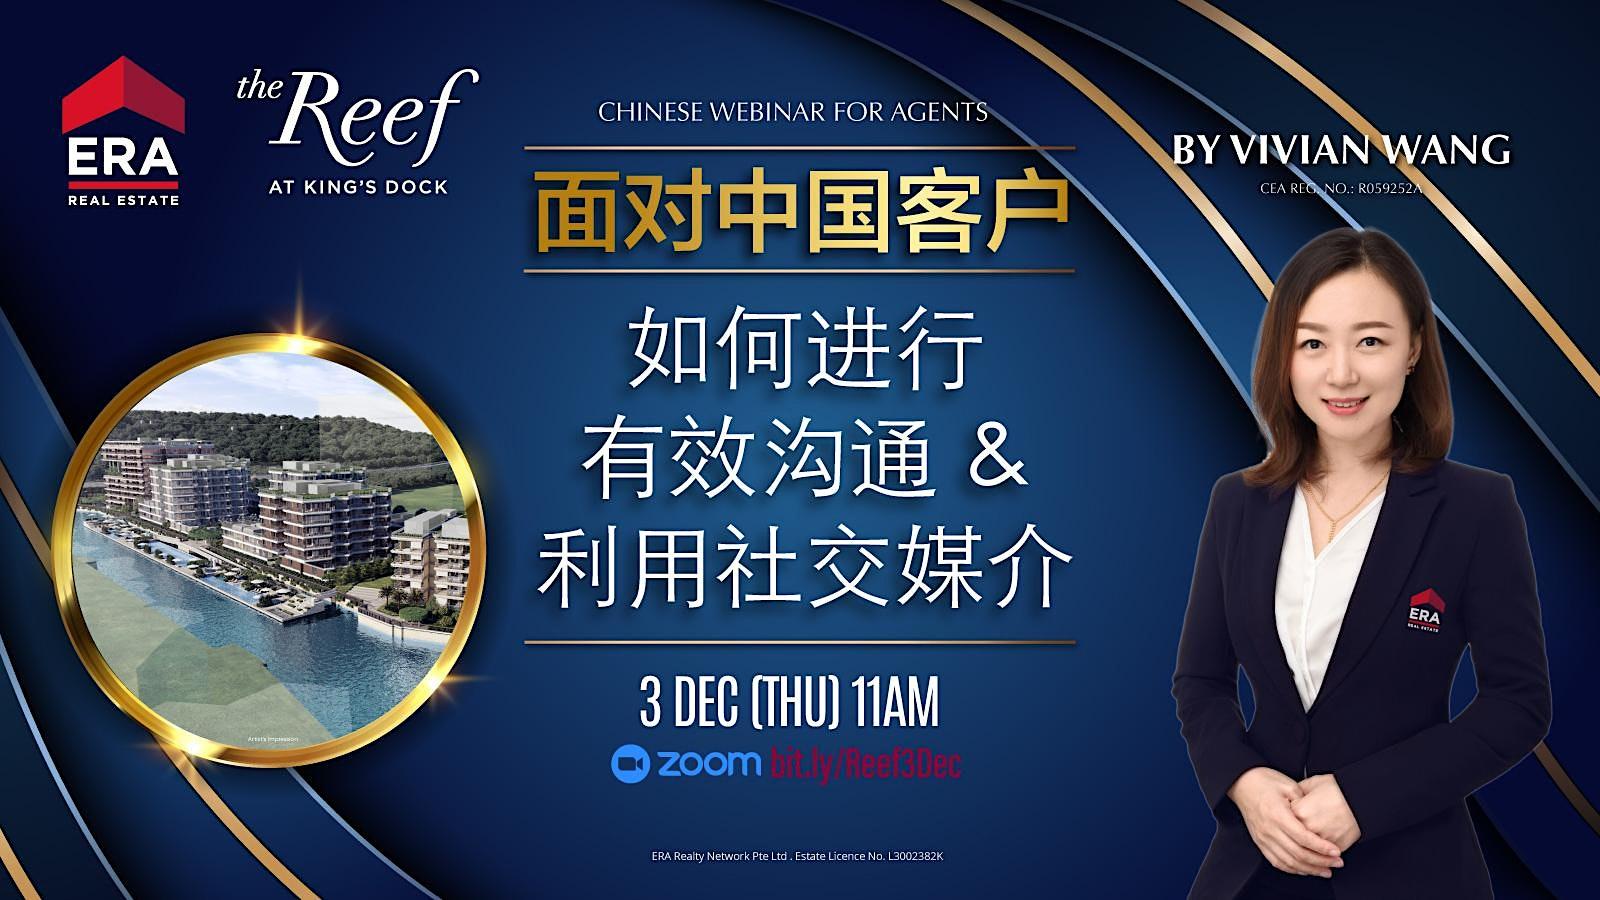 面对中国客户 如何进行有效沟通 &利用社交媒介 (The Reef at King's Dock)